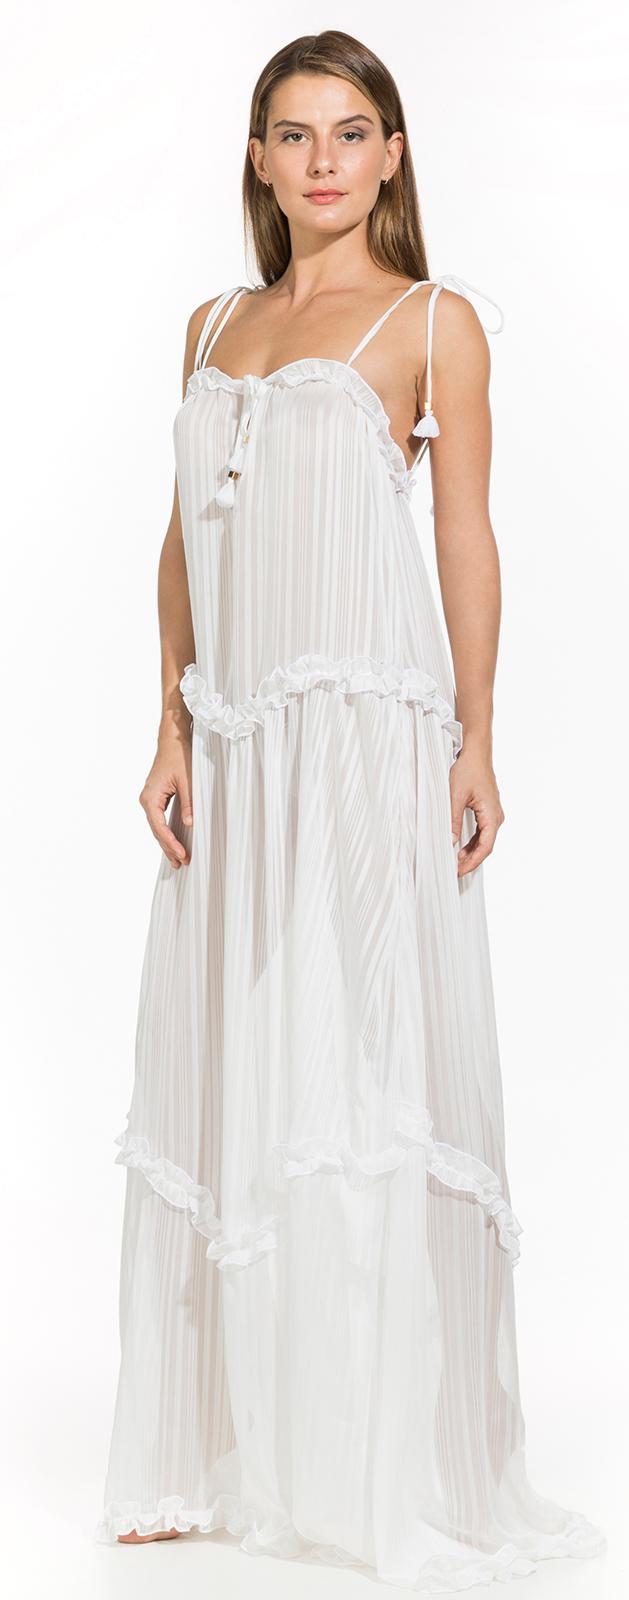 a34c648d7946 Φόρεμα Μακρύ λευκό μπόχο φόρεμα παραλίας - Cloe Off White